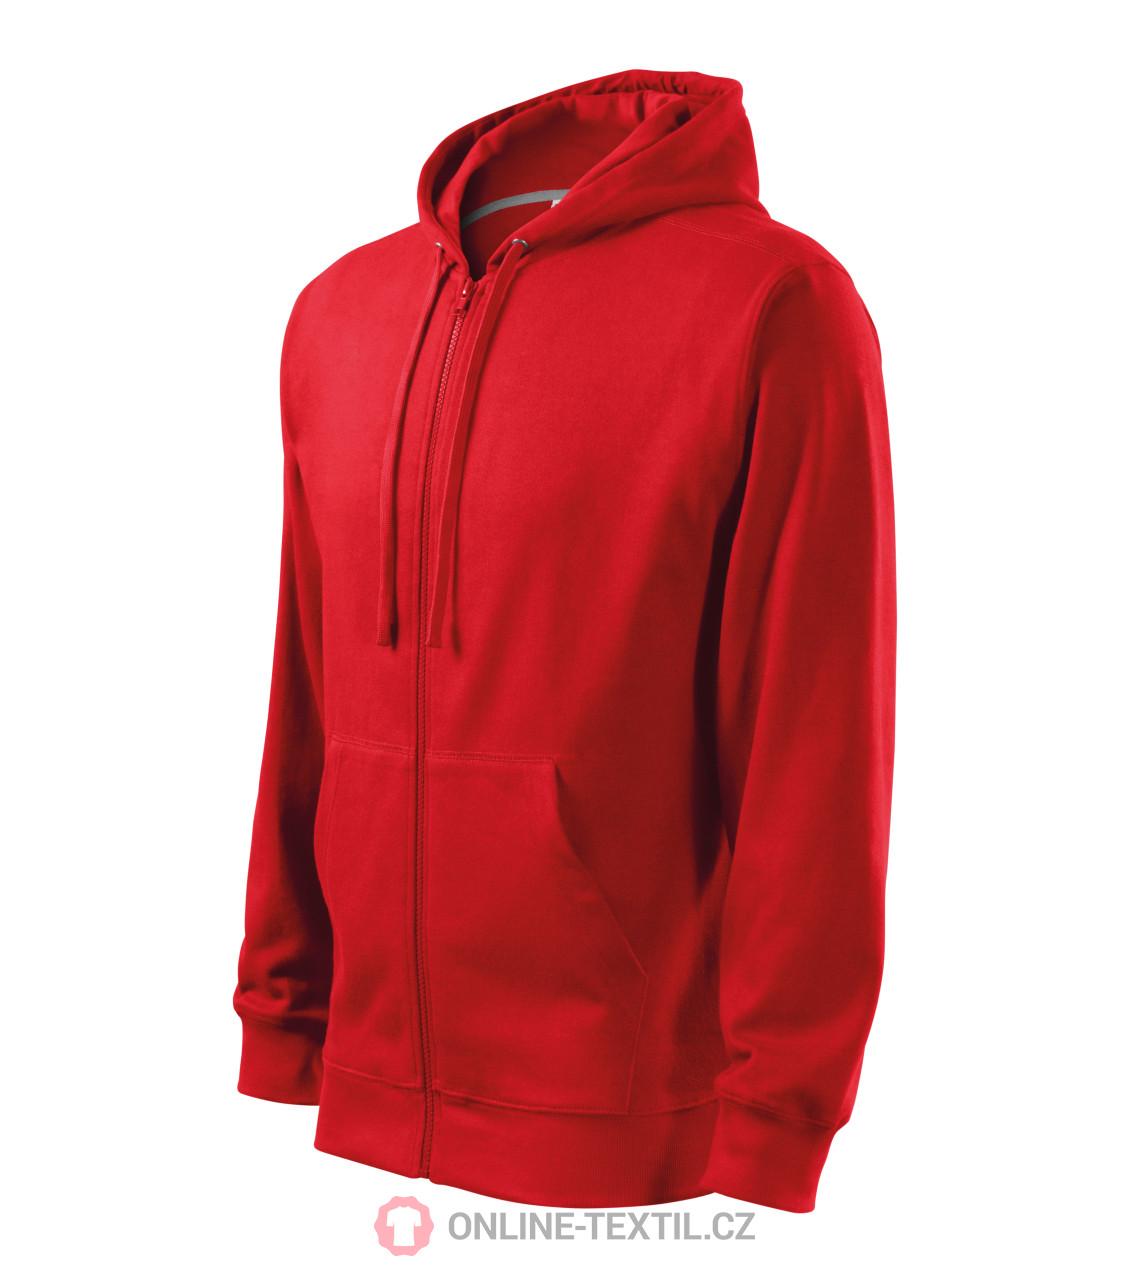 ADLER CZECH Pánská mikina Trendy Zipper s kapucí 410 - červená z ... bc5e40af34